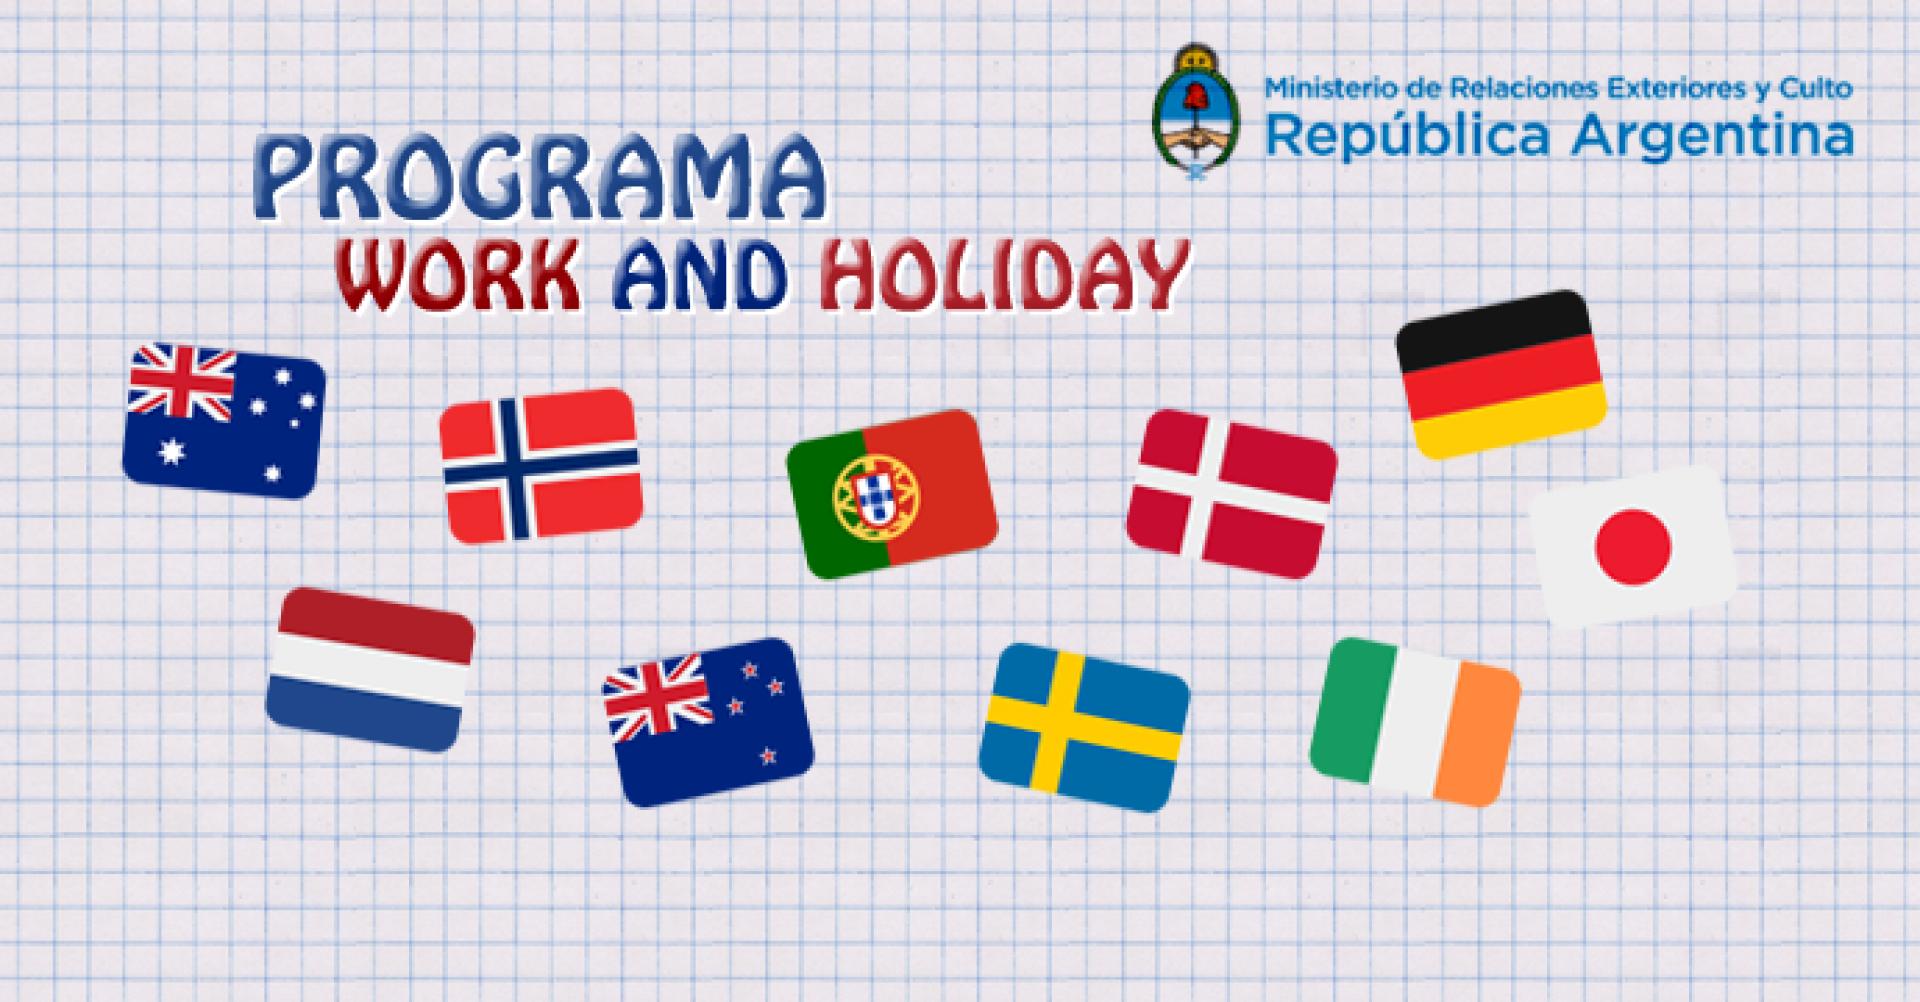 Programa De Vacaciones Y Trabajo Ministerio De Relaciones Exteriores Y Culto